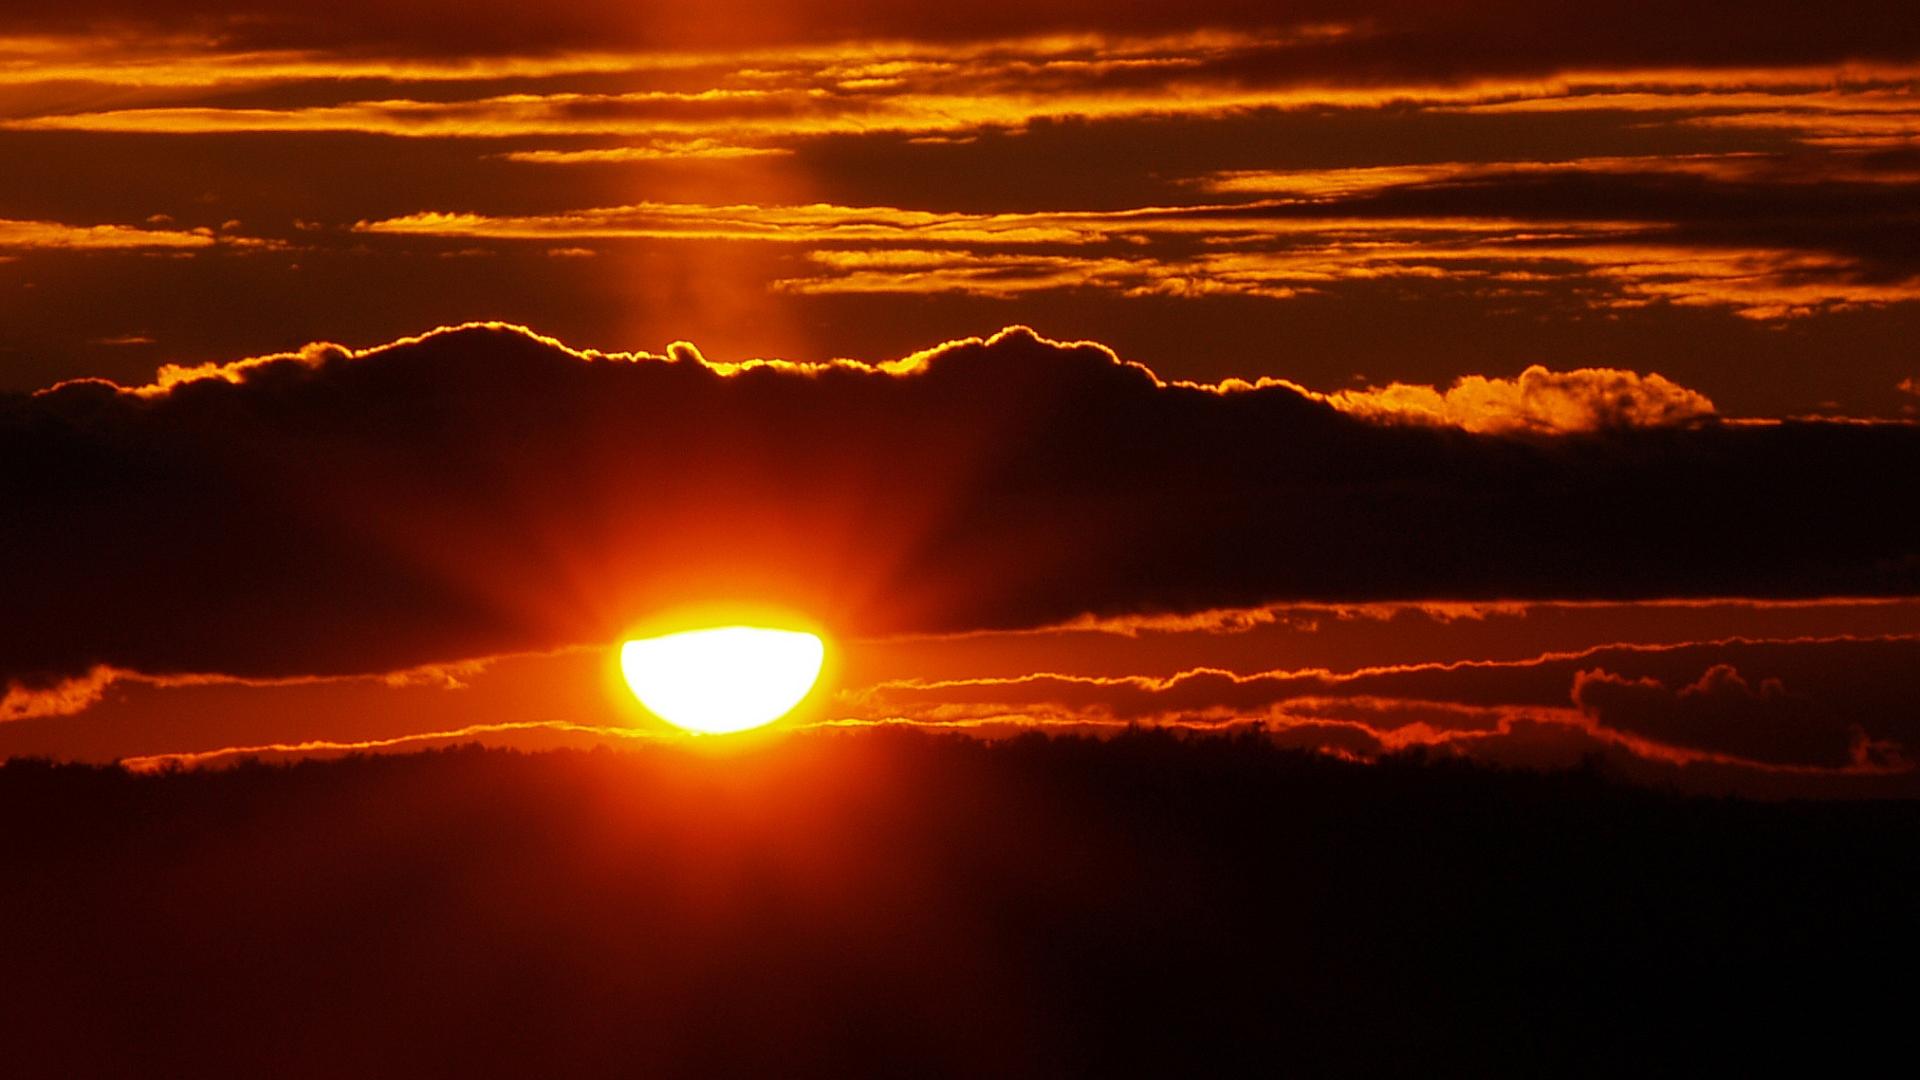 самые красивые картинки с закатом солнца зуд